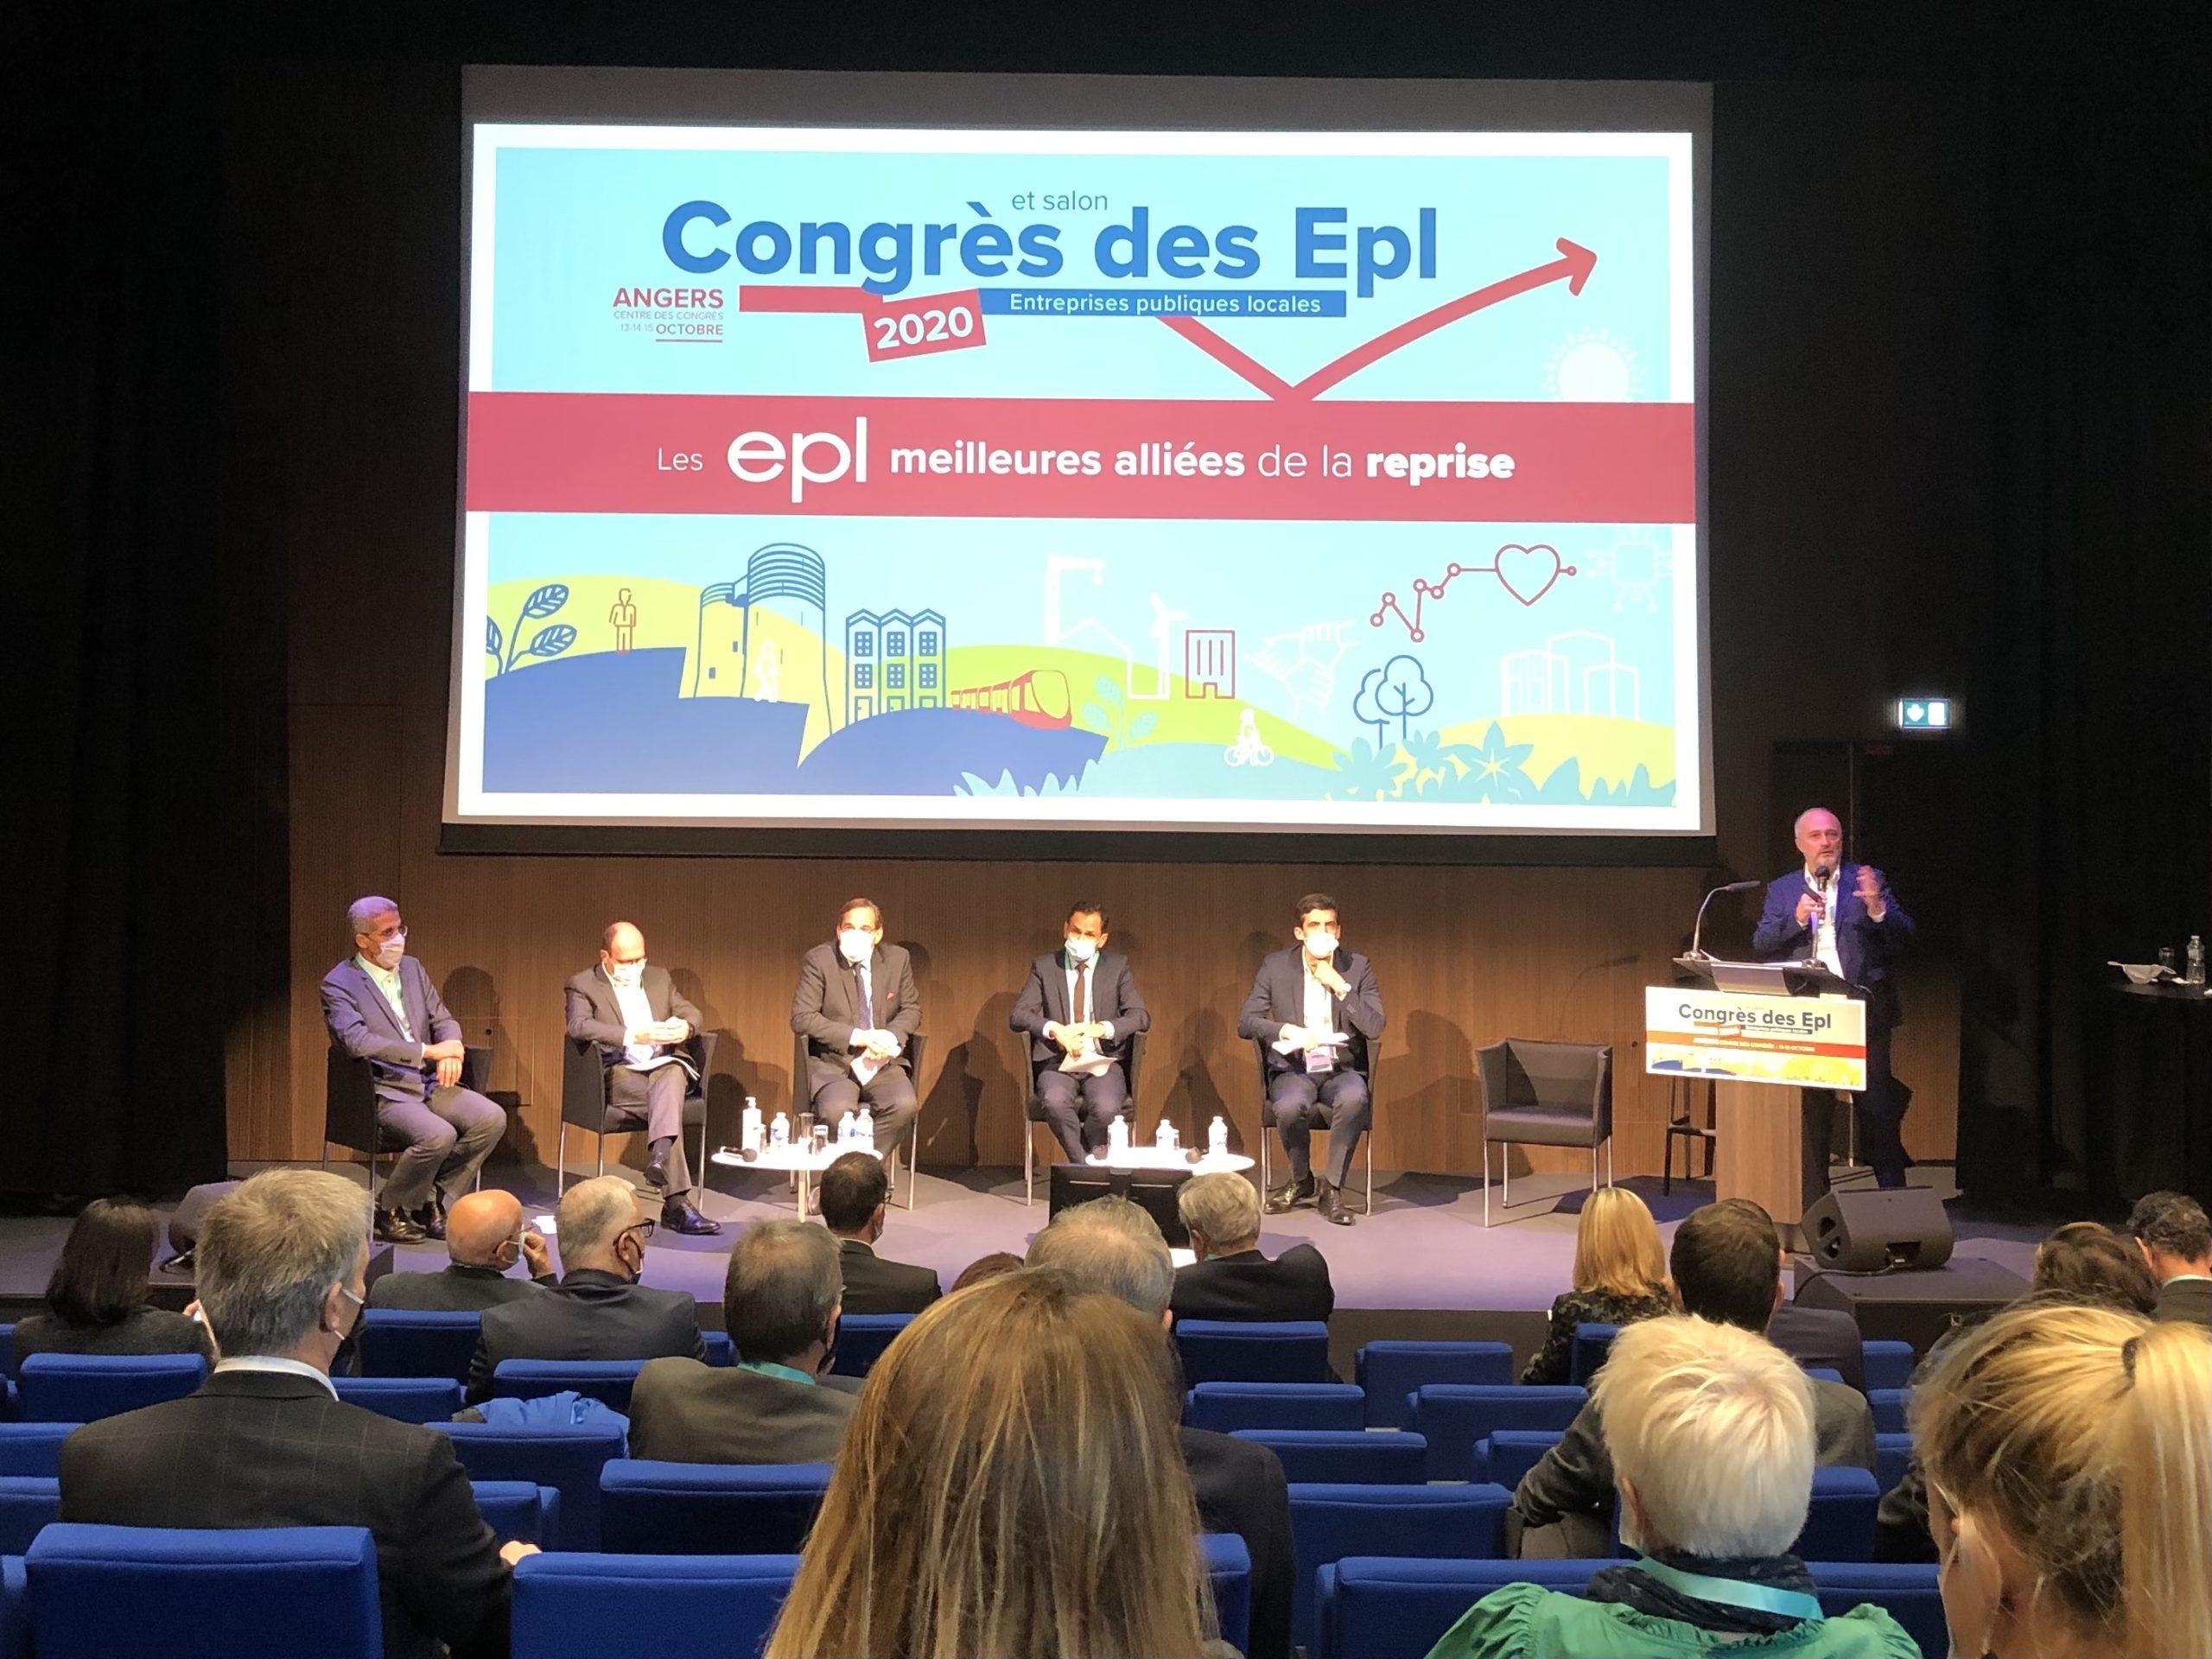 Congrès des EPL 2019 à Angers